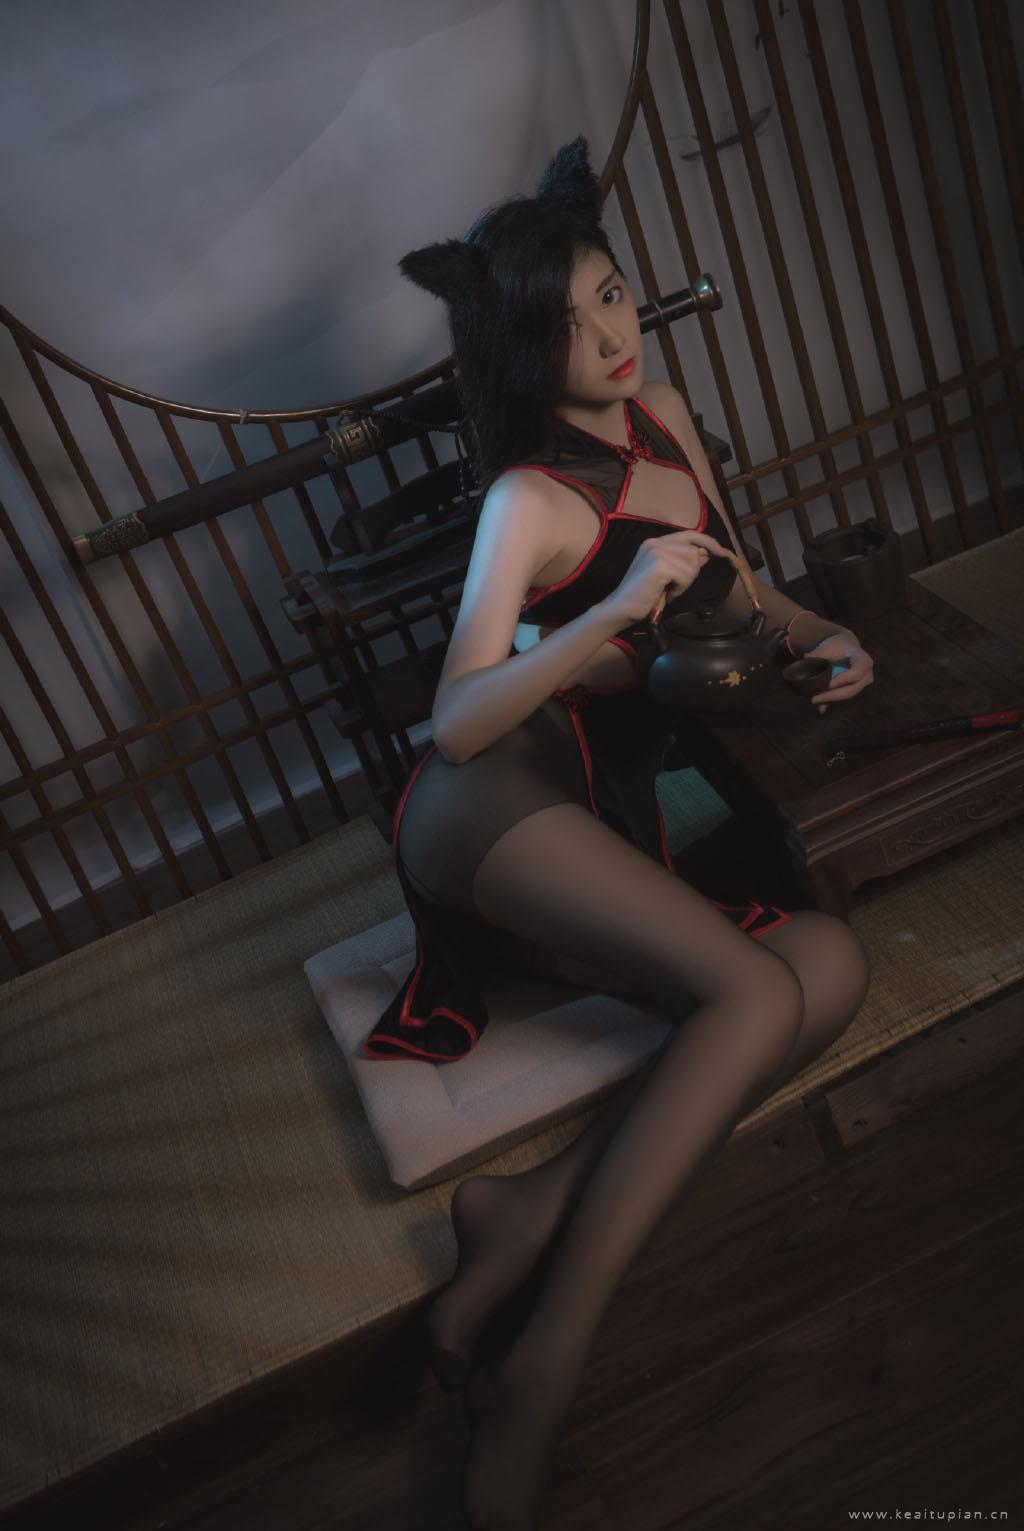 性感黑暗系猫女郎黑丝诱惑写真图片大全